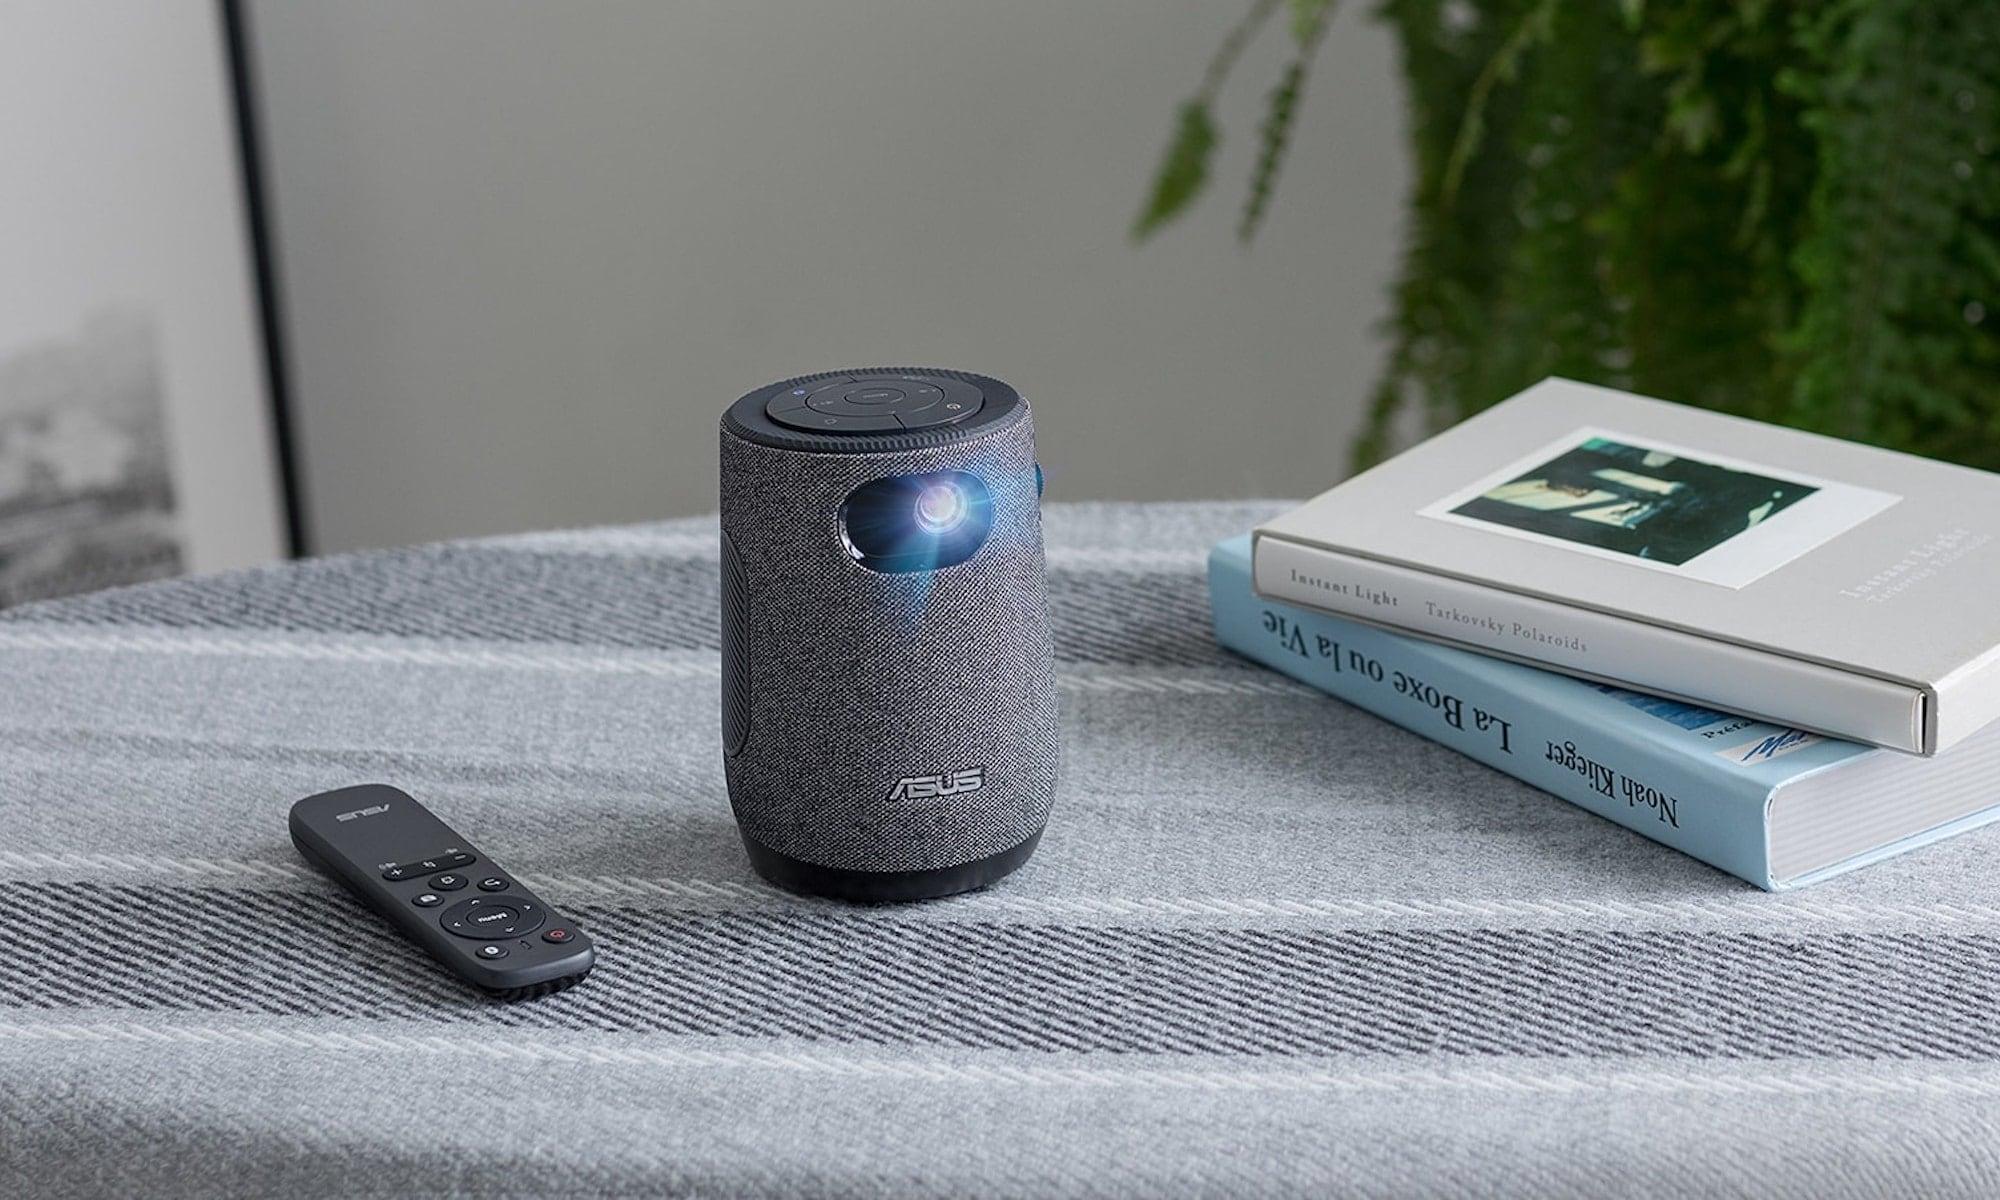 ASUS ZenBeam Latte smart projector